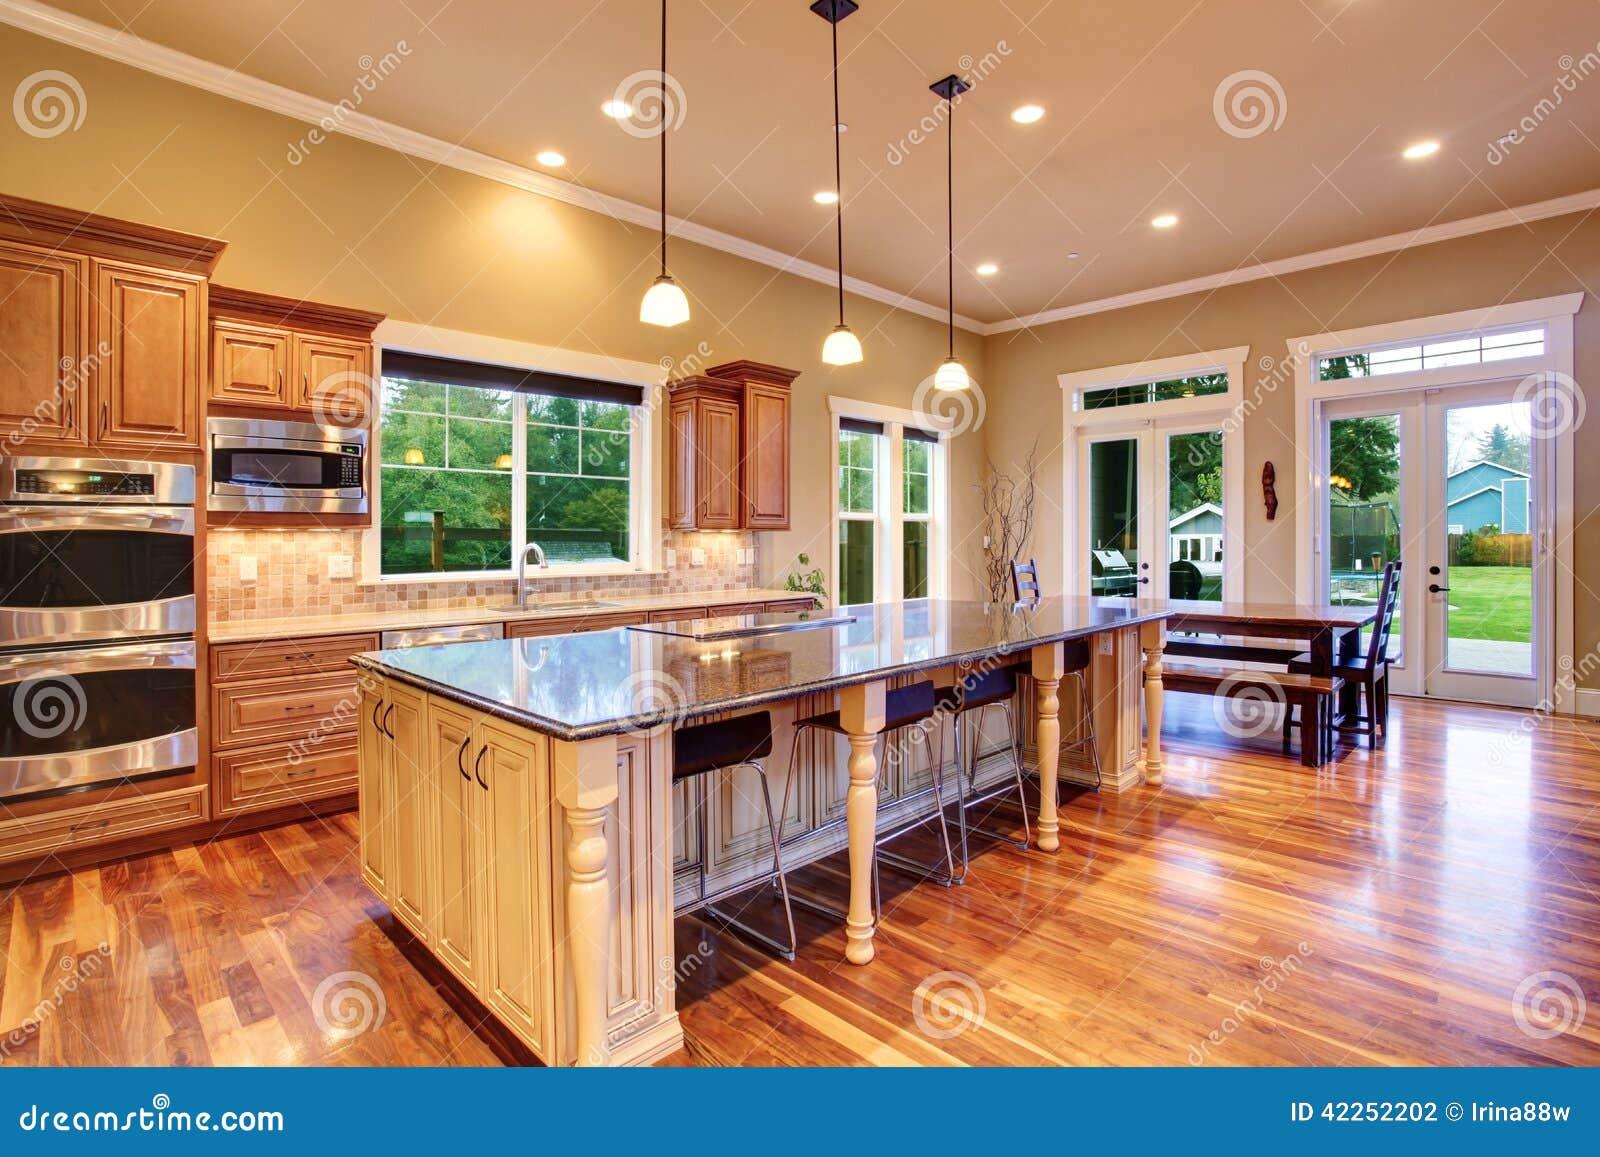 Interior de la cocina en casa de lujo foto de archivo for Imagen de interior de casas